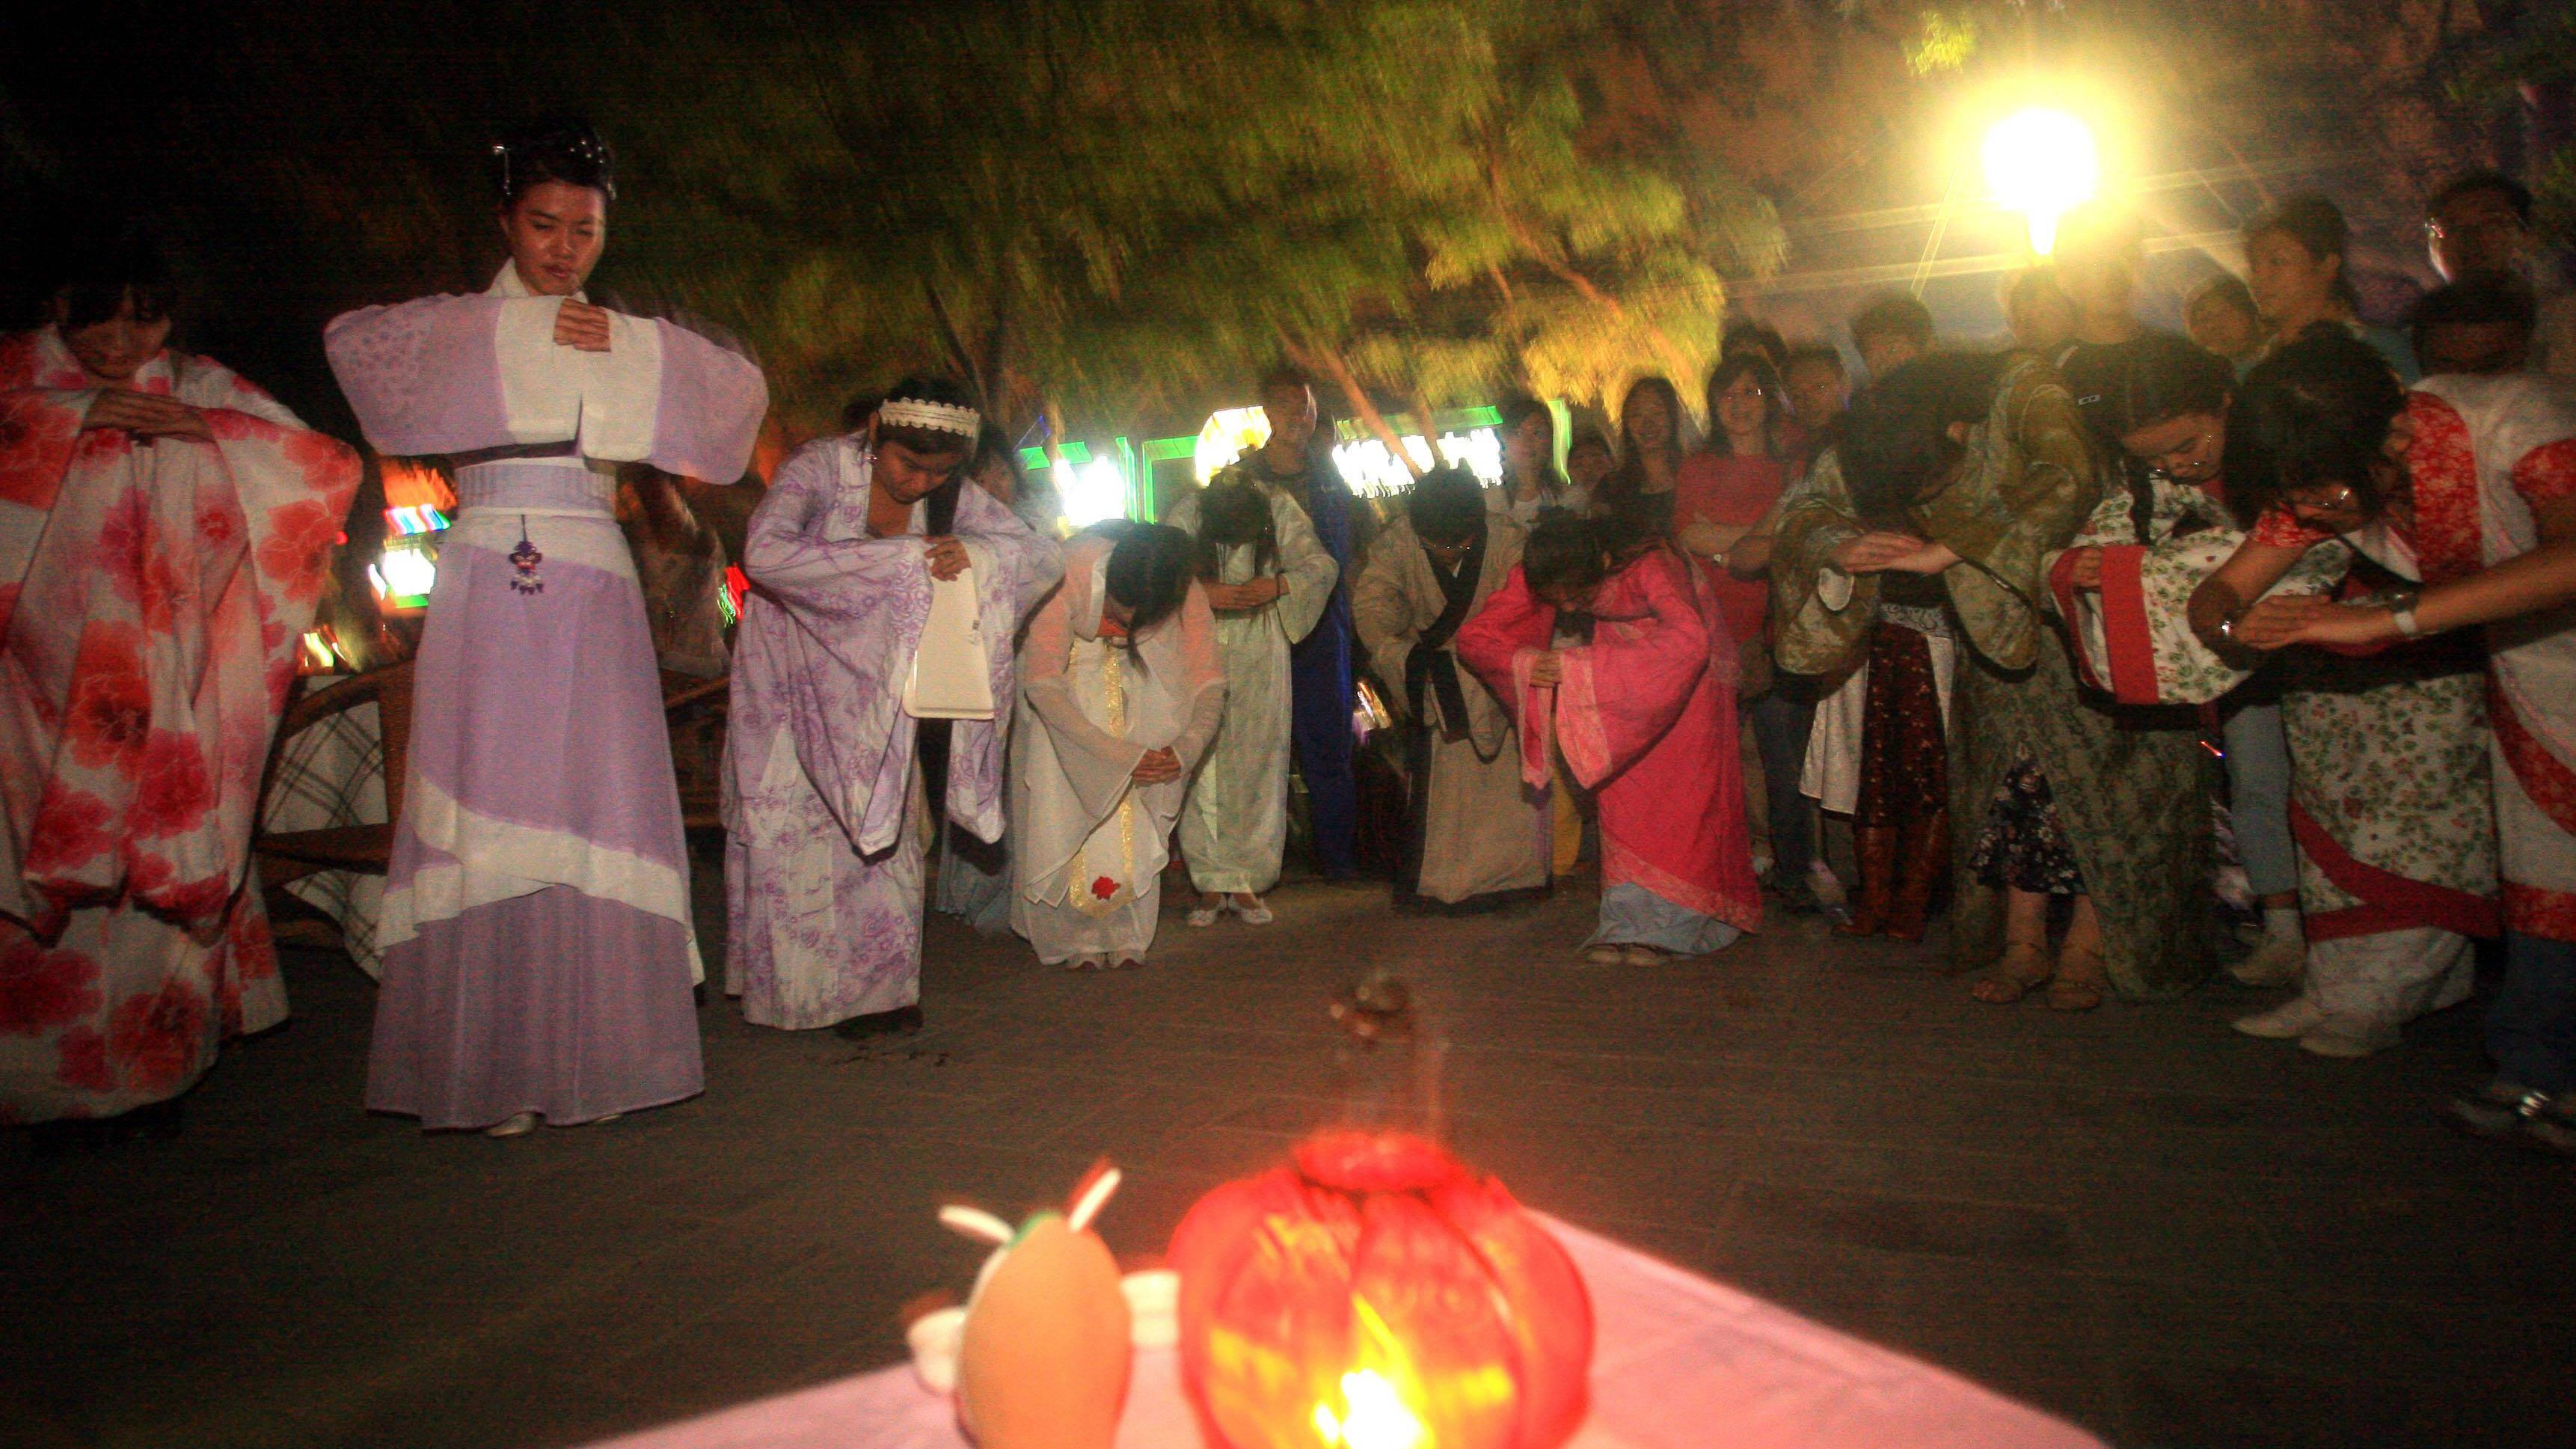 Die Bedeutung des Vollmondes wird  in China besonders am Mondfest geehrt.